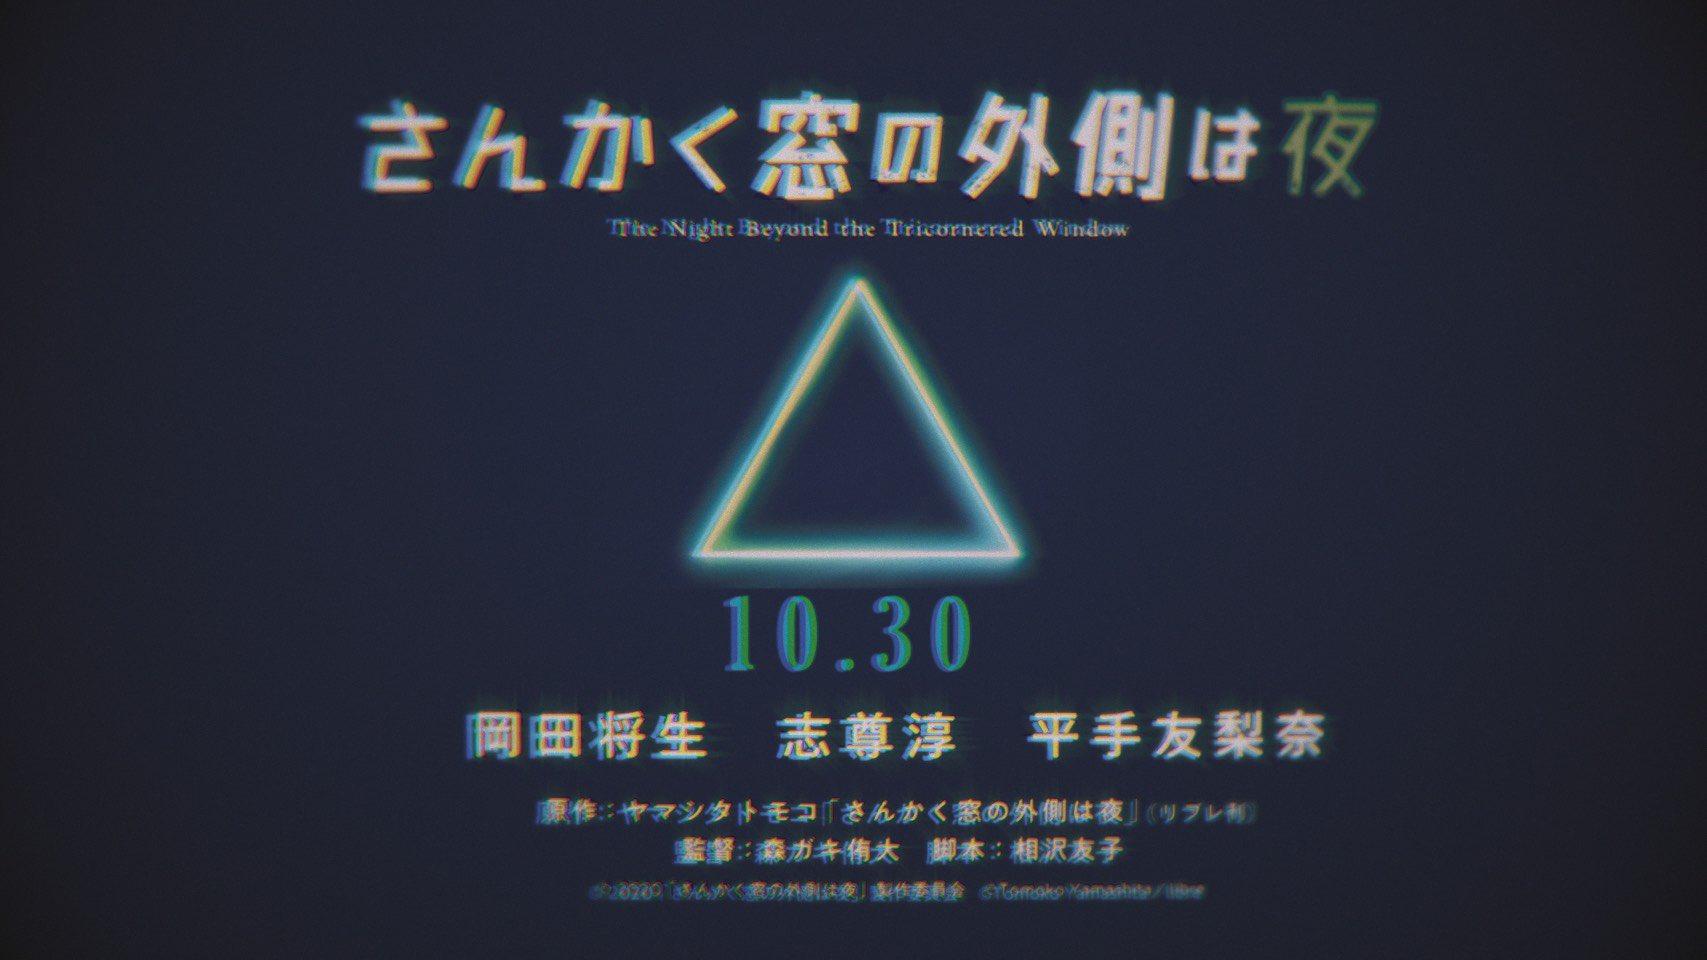 平手友梨奈出演!【さんかく窓の外側は夜】実写映画化!あらすじ・キャストネタバレ